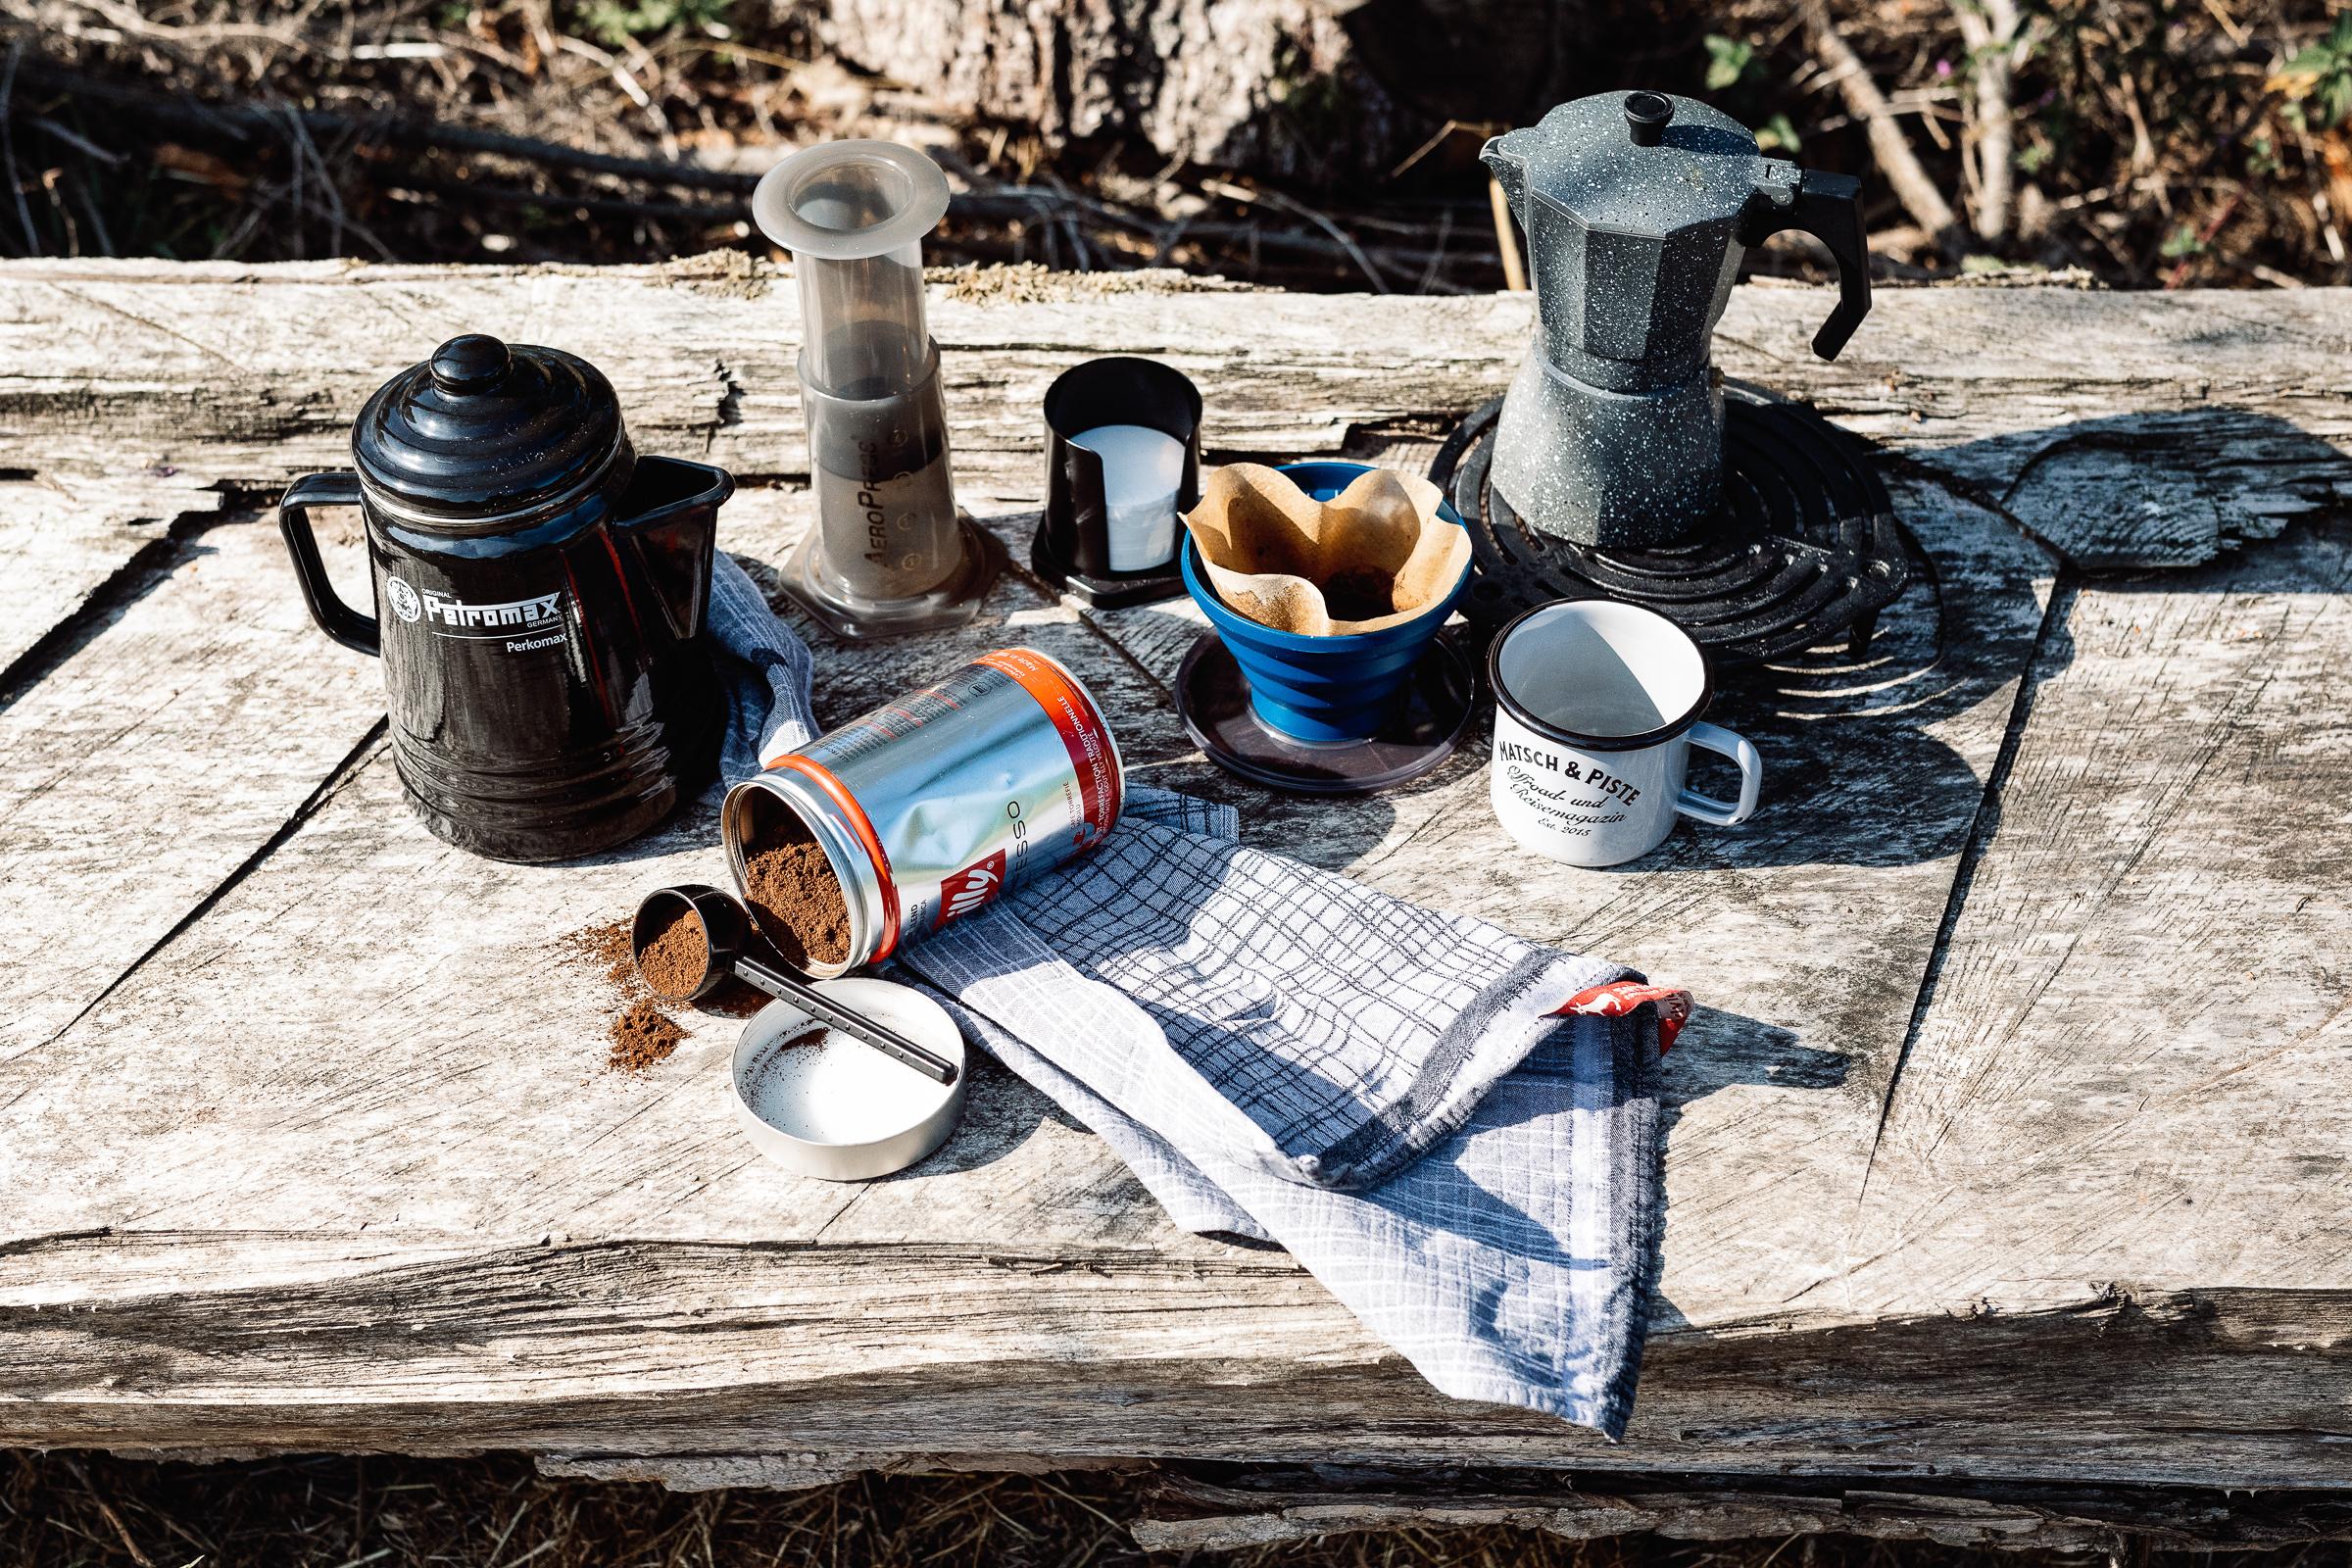 Verschiedene Utensilien fürs Kaffeekochen unterwegs